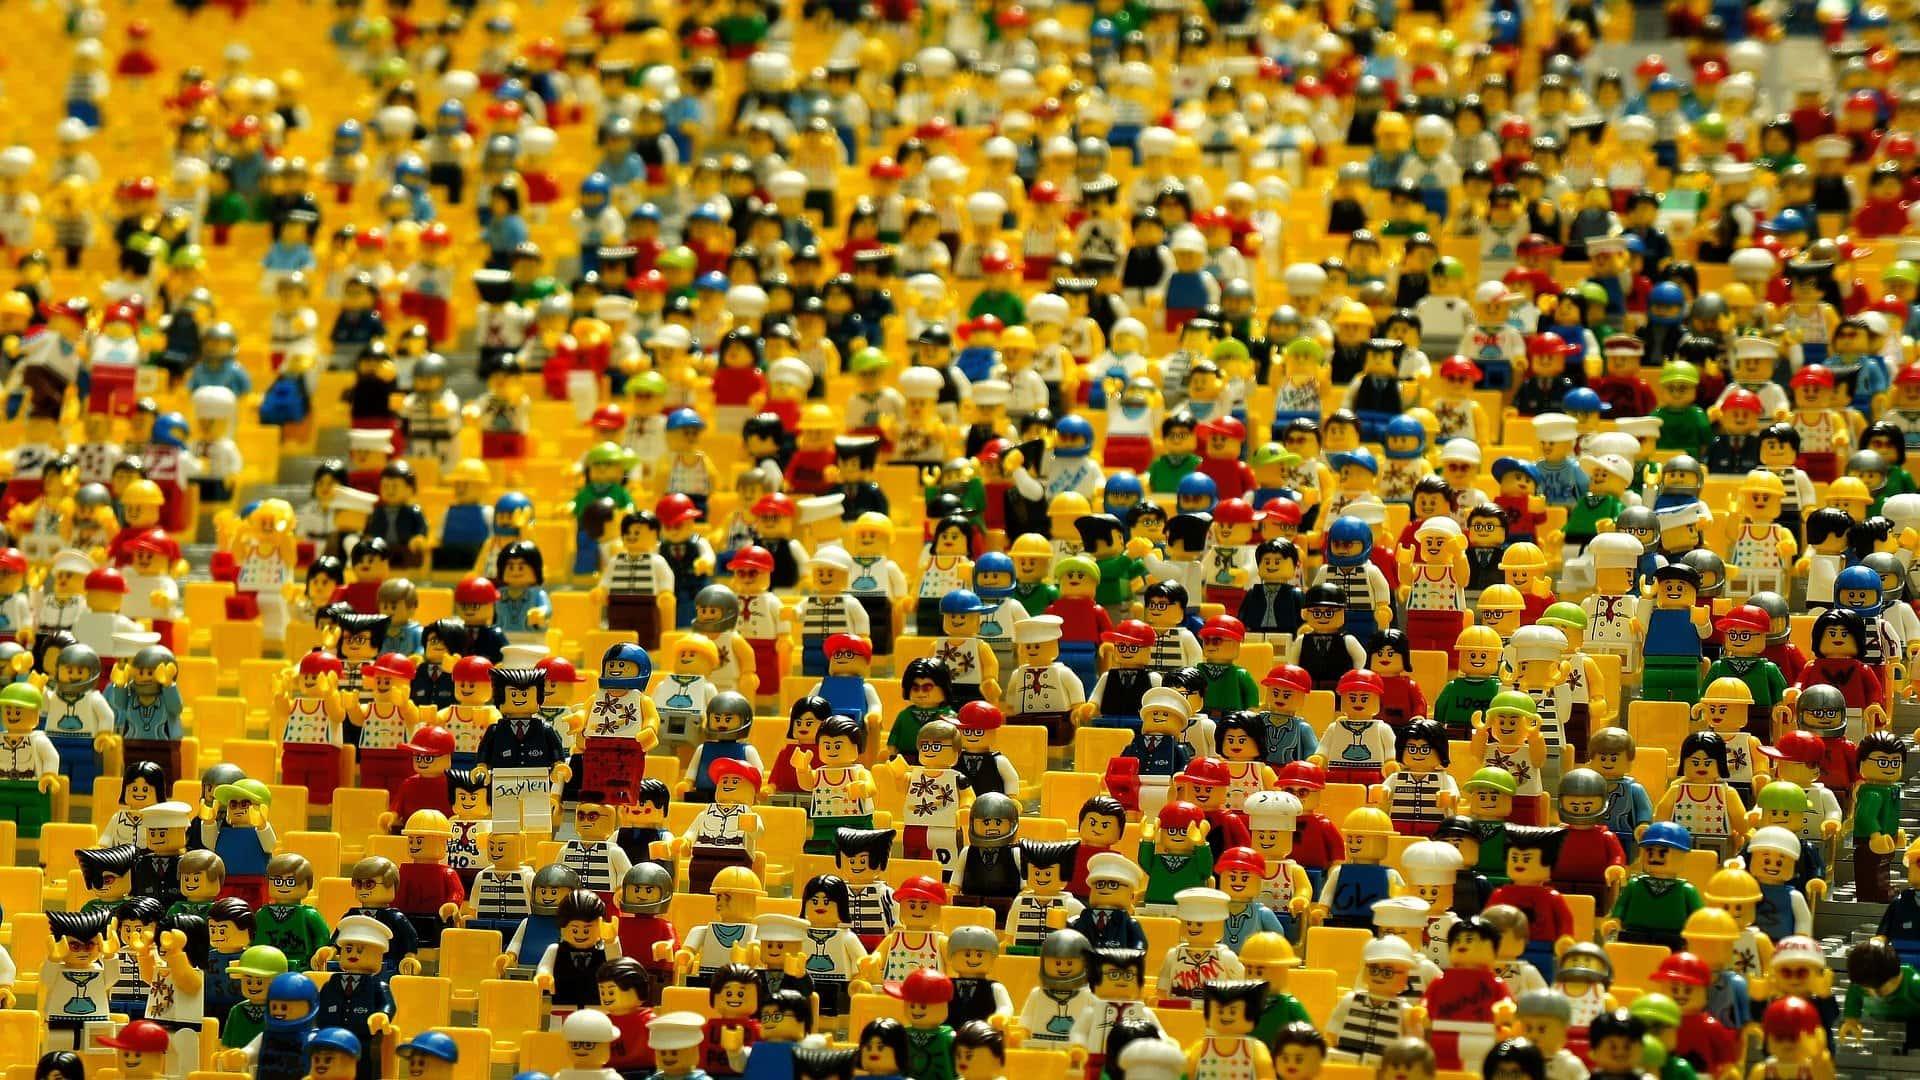 Lego Spielzeug Figuren Menge Viele Menschen - (c) Pixabay